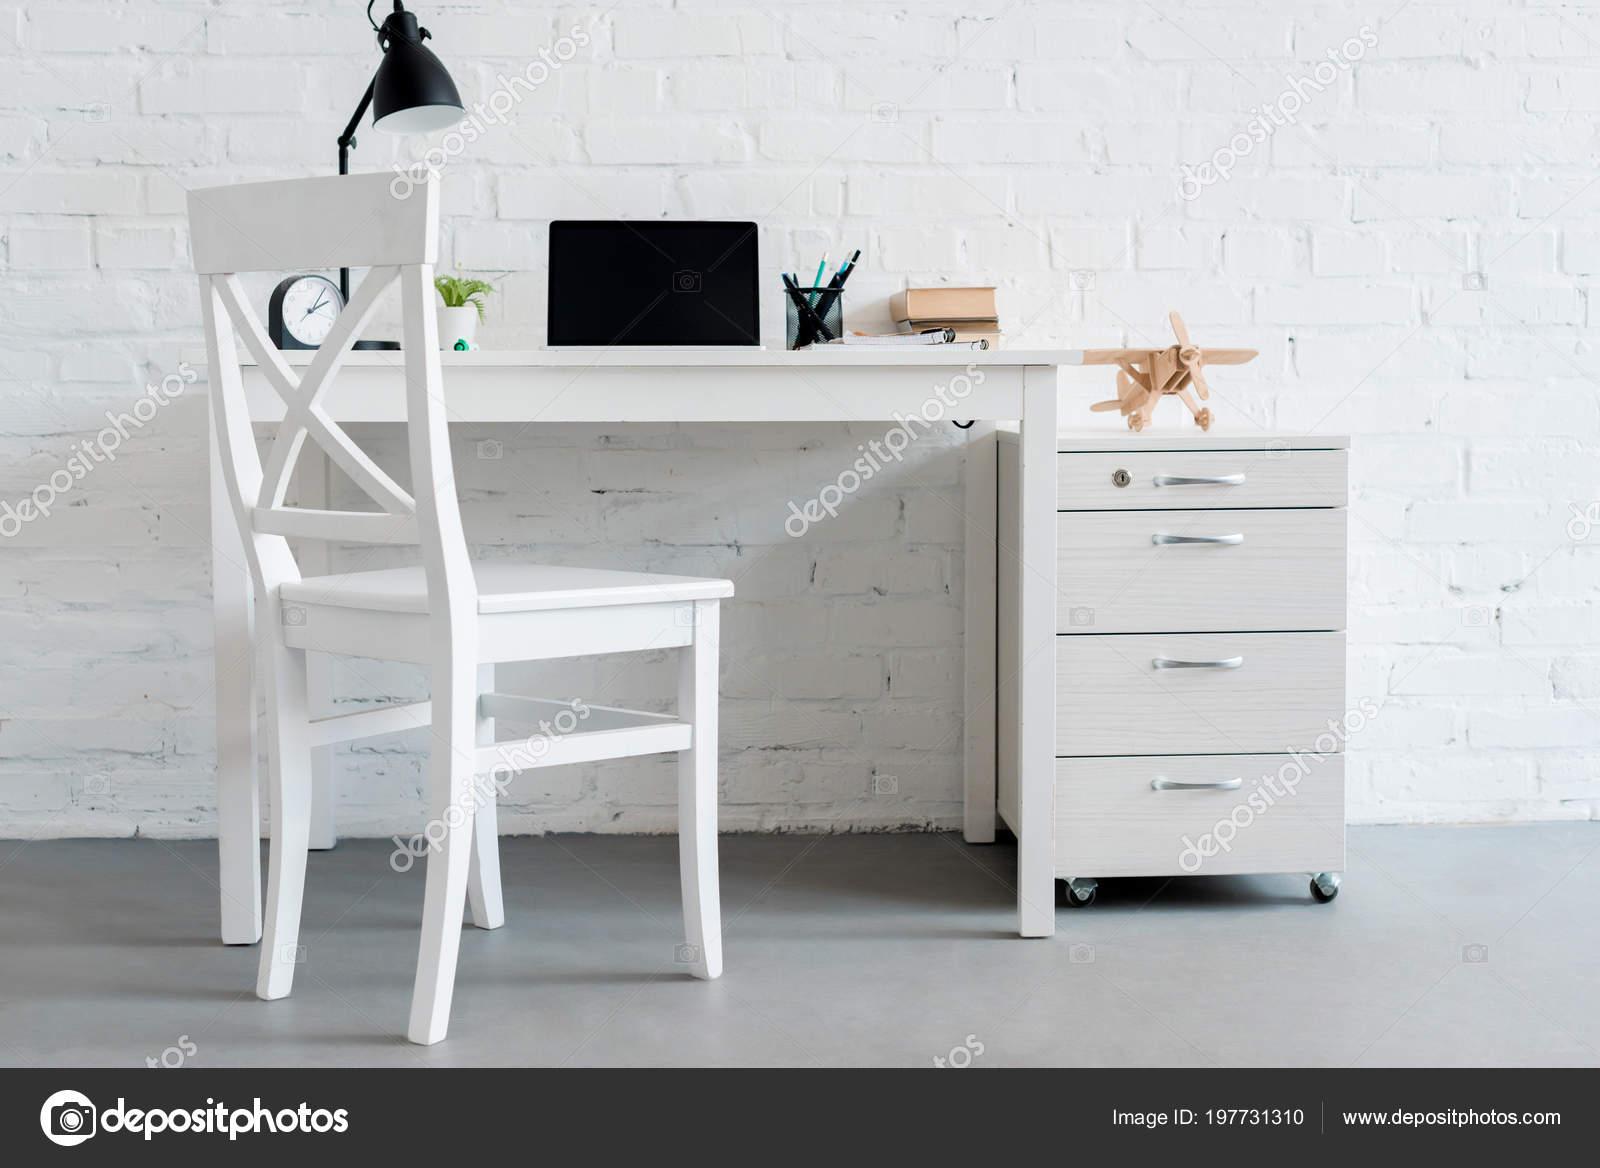 Bureau travail moderne avec ordinateur portable maison devant mur